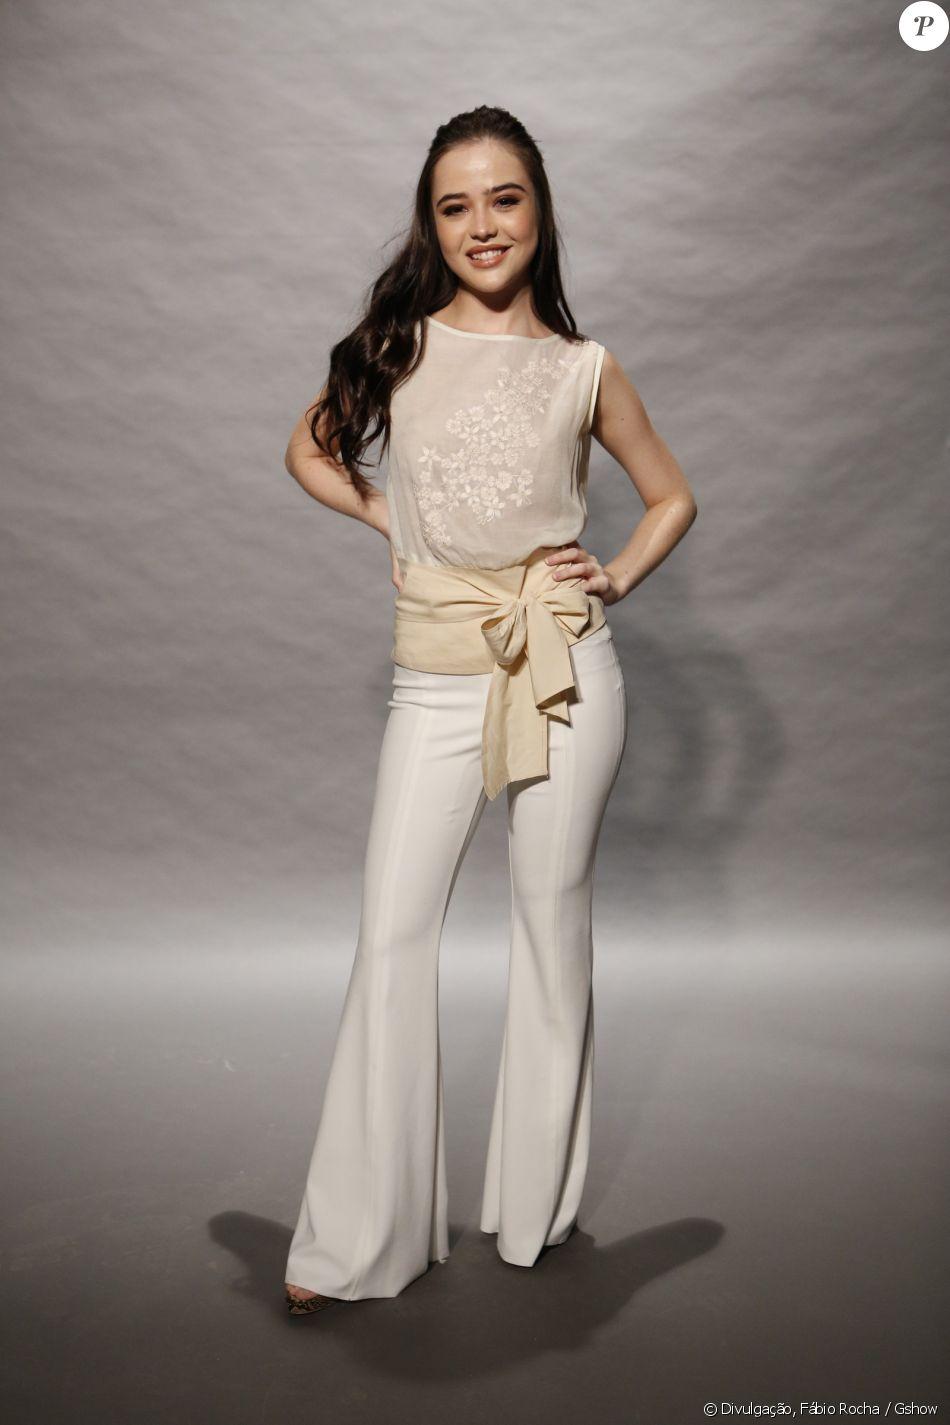 5ec887ee0 Bella Piero combinou a blusa de tecido fino bege com calça flare branca  para o lançamento de 'O Outro Lado do Paraíso', próxima novela das nove da  TV Globo